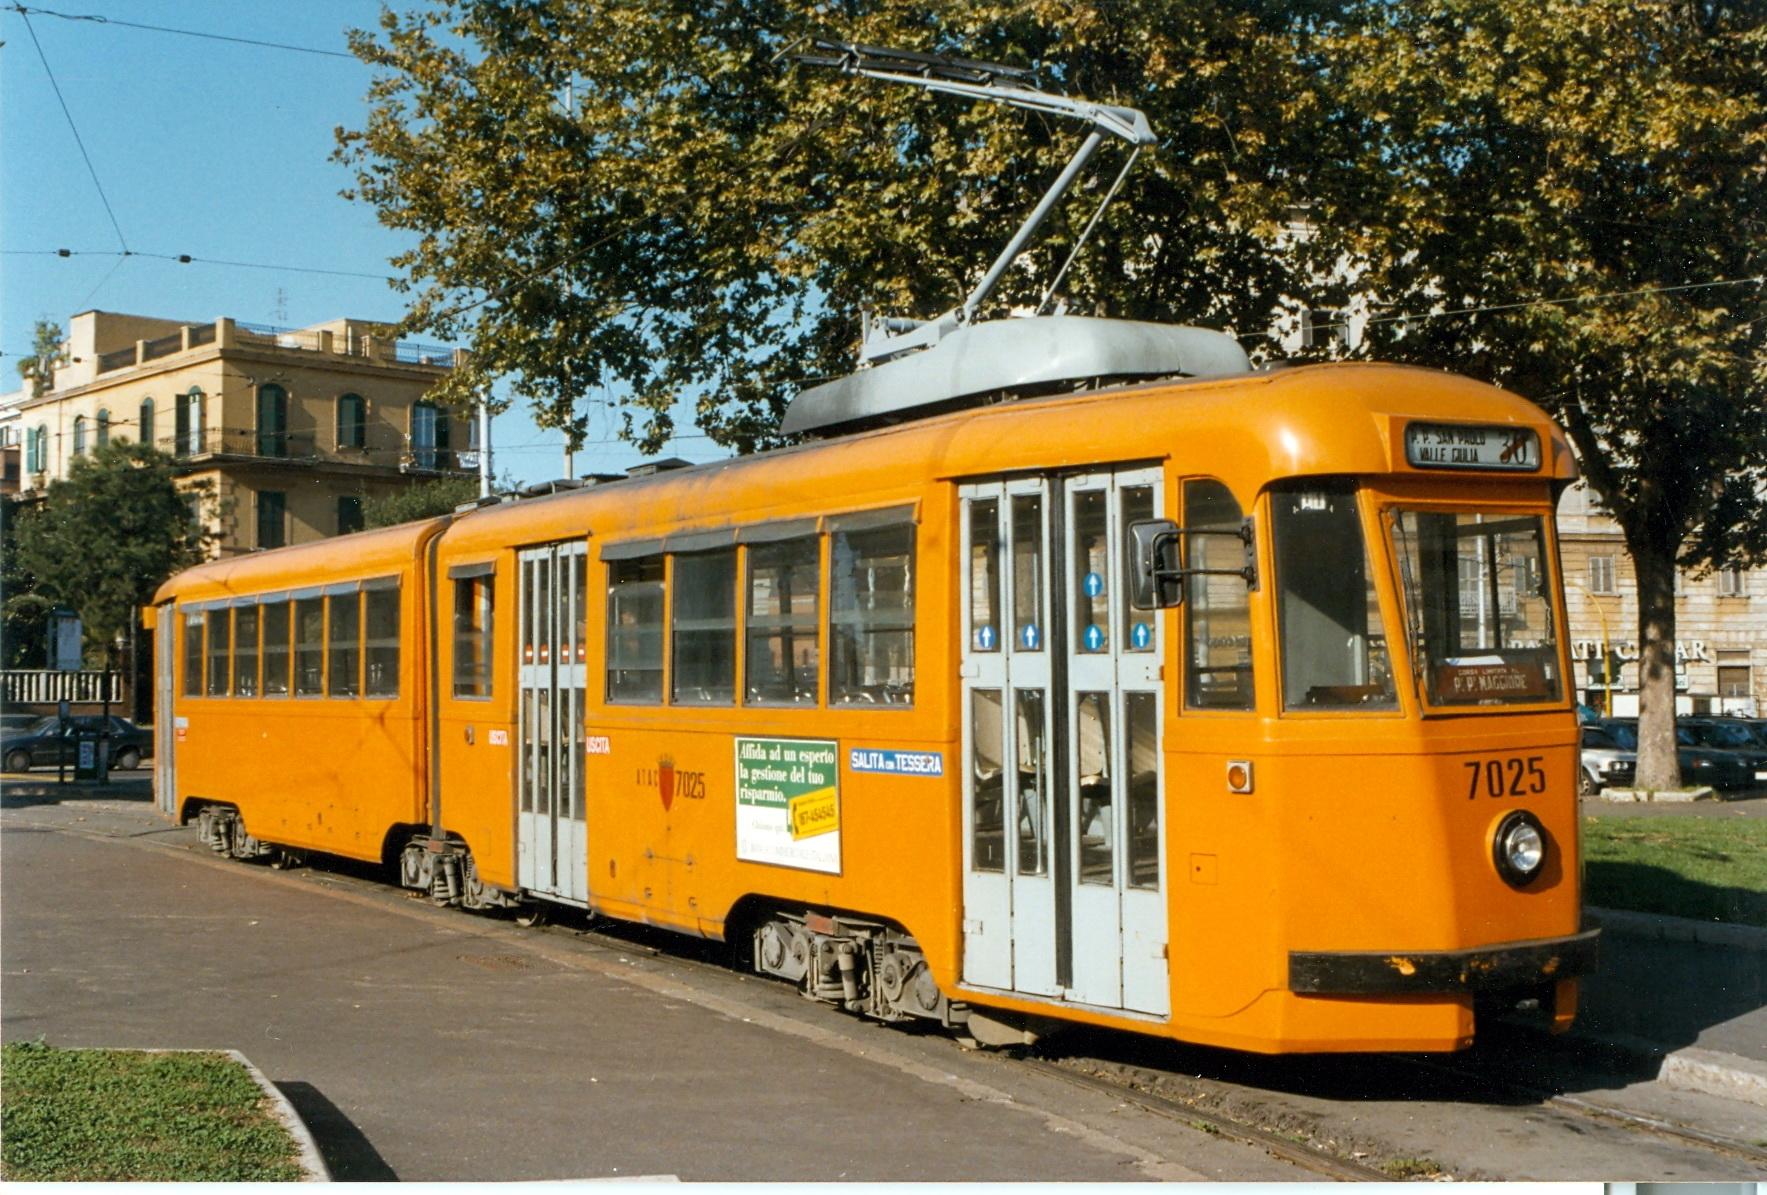 File:2042-Tram TAS 7025.jpg